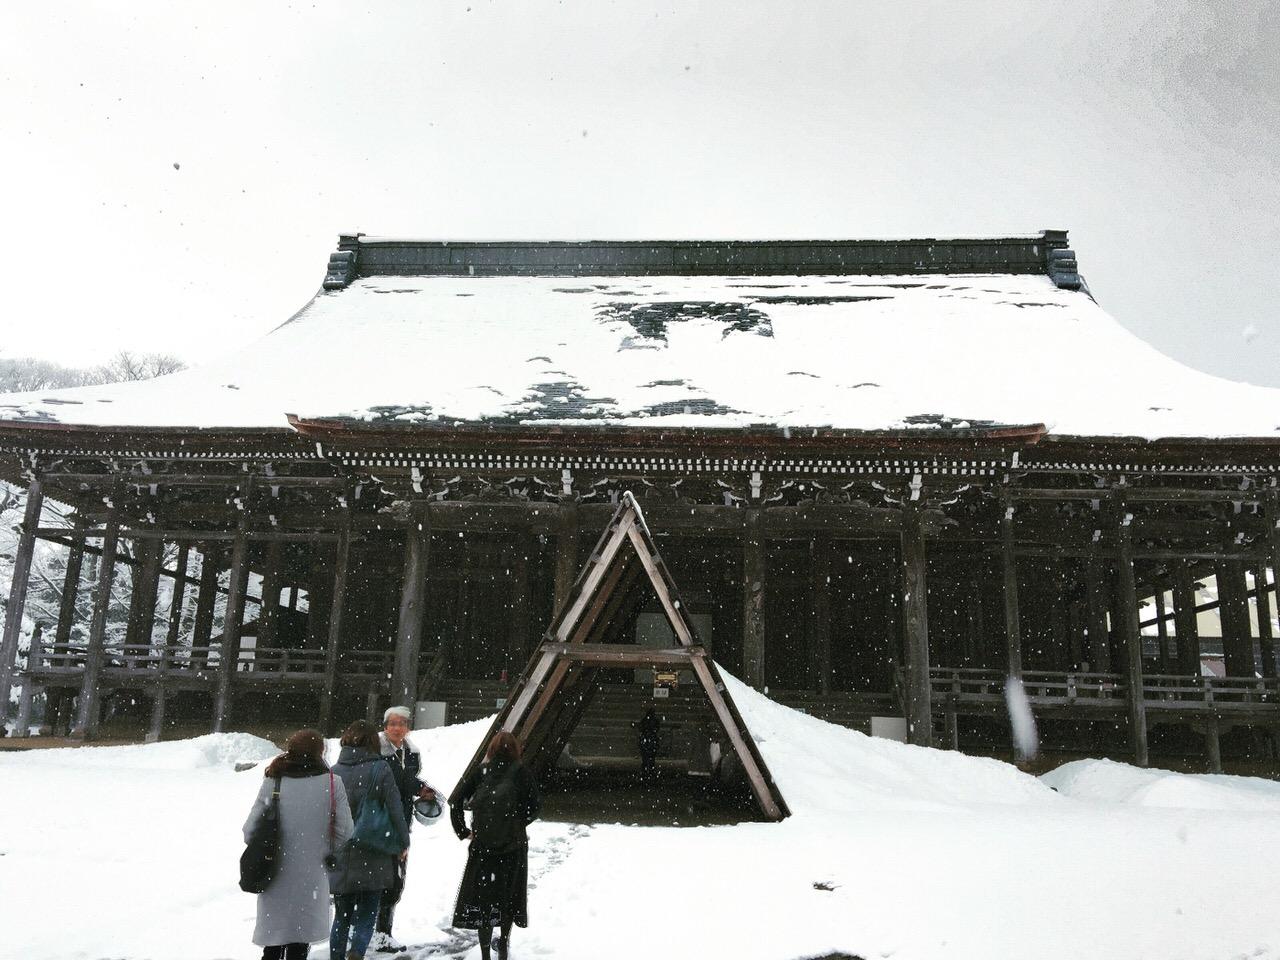 Toyama takaoka fusjiki shoukouji 1795